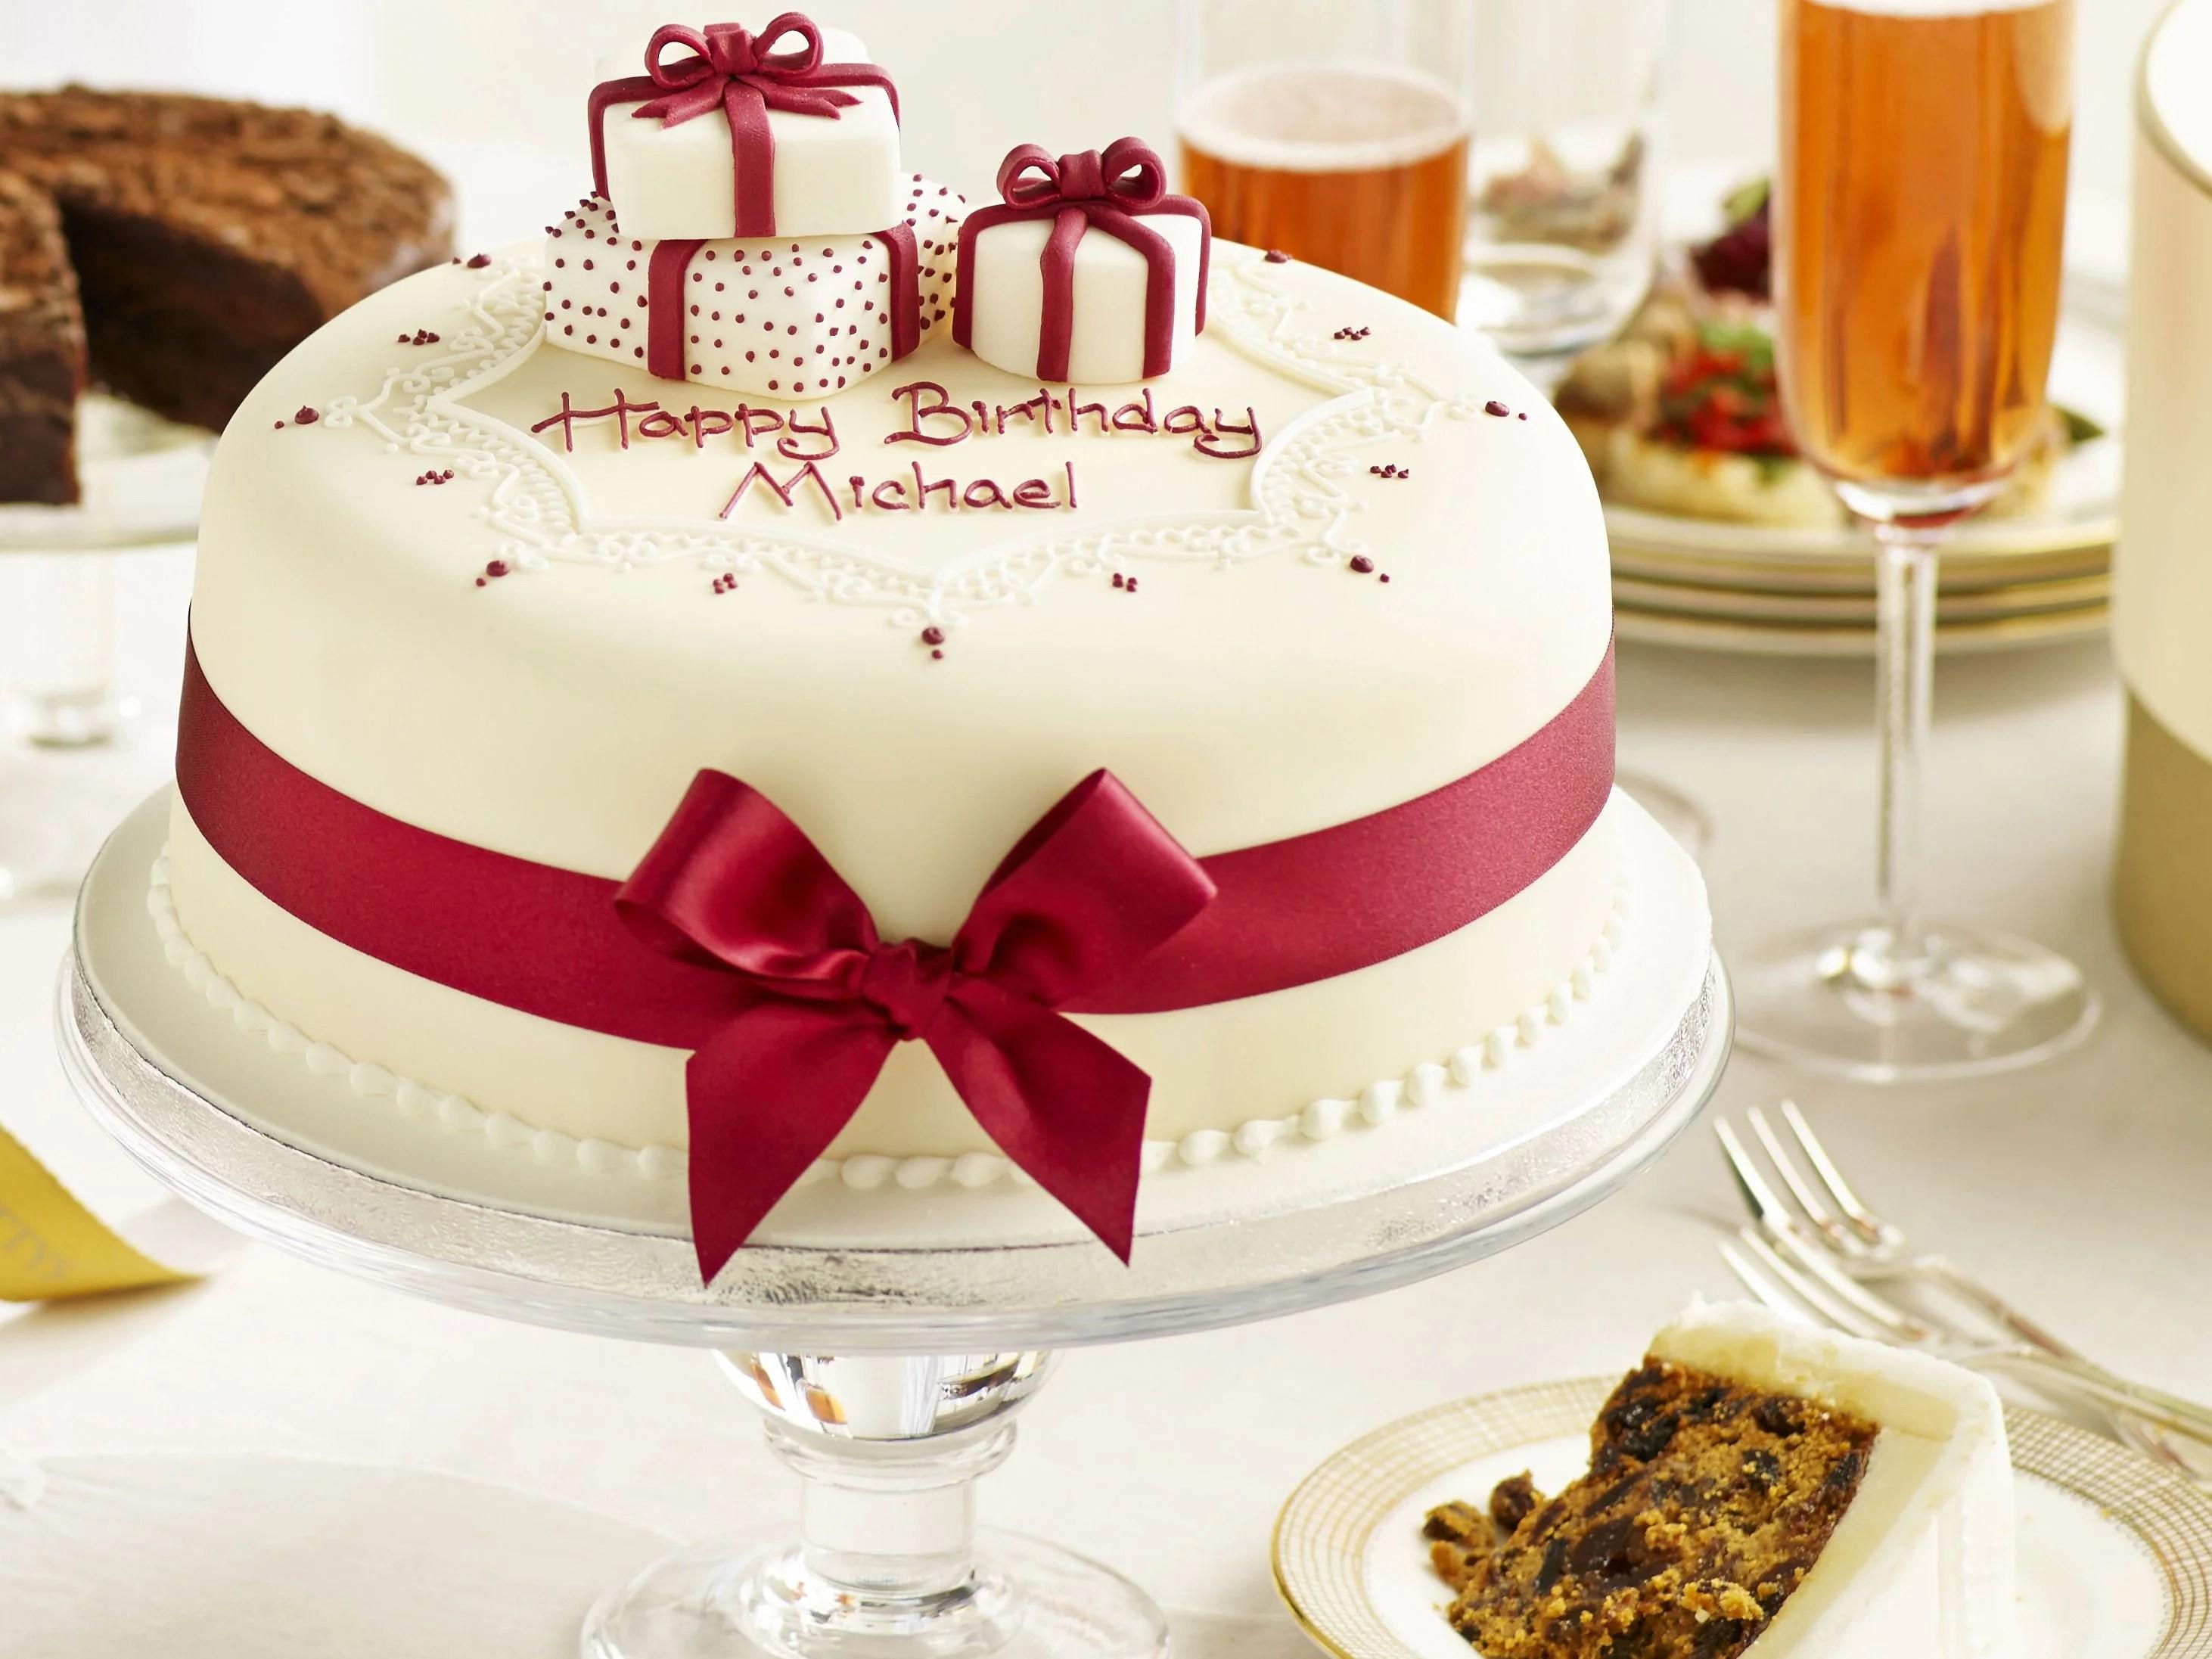 11 Best Birthday Cakes